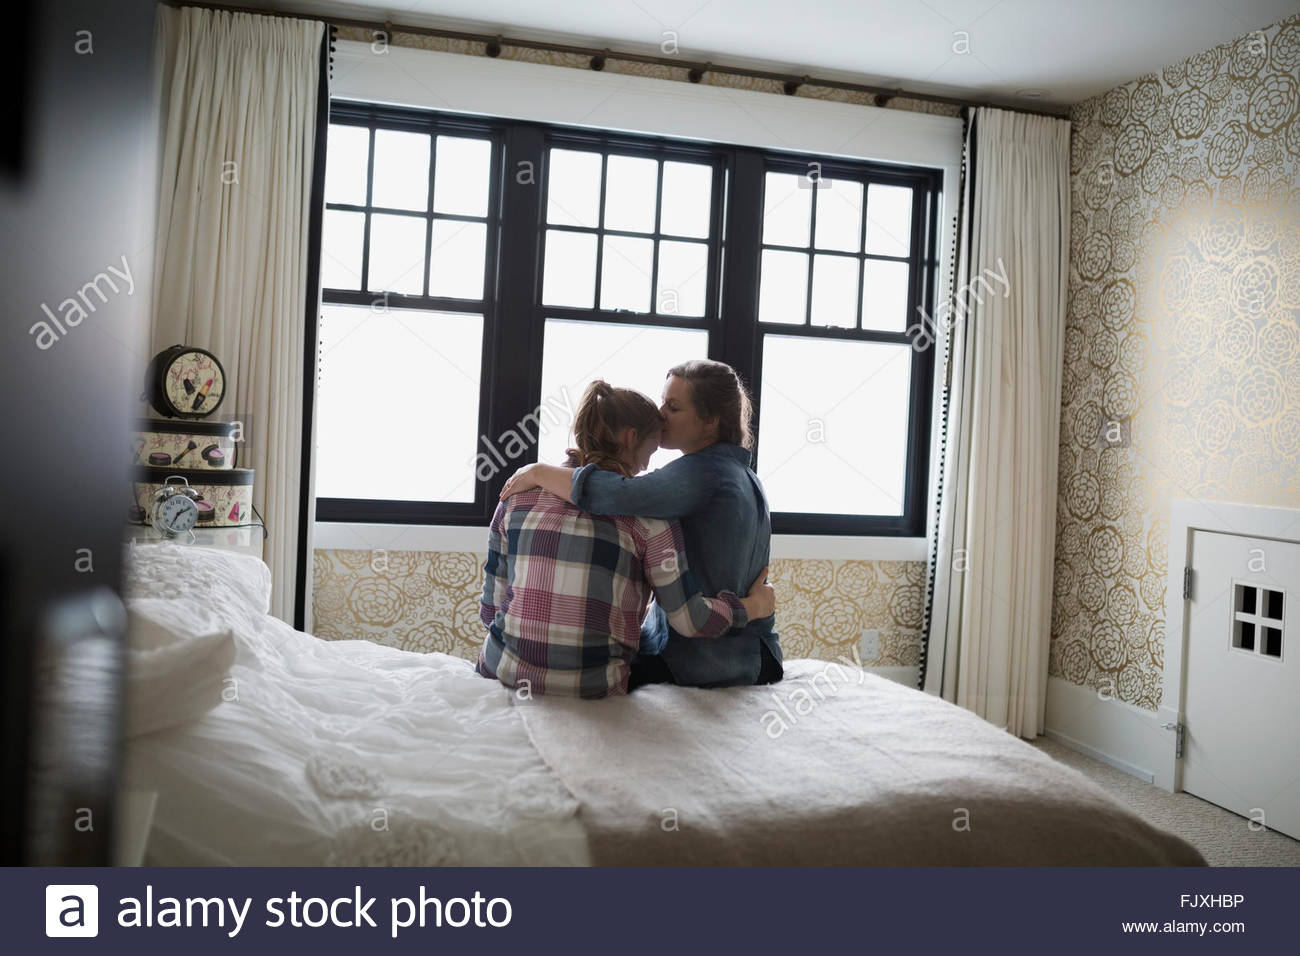 Abrazos y besos madre hija adolescente en dormitorio Imagen De Stock